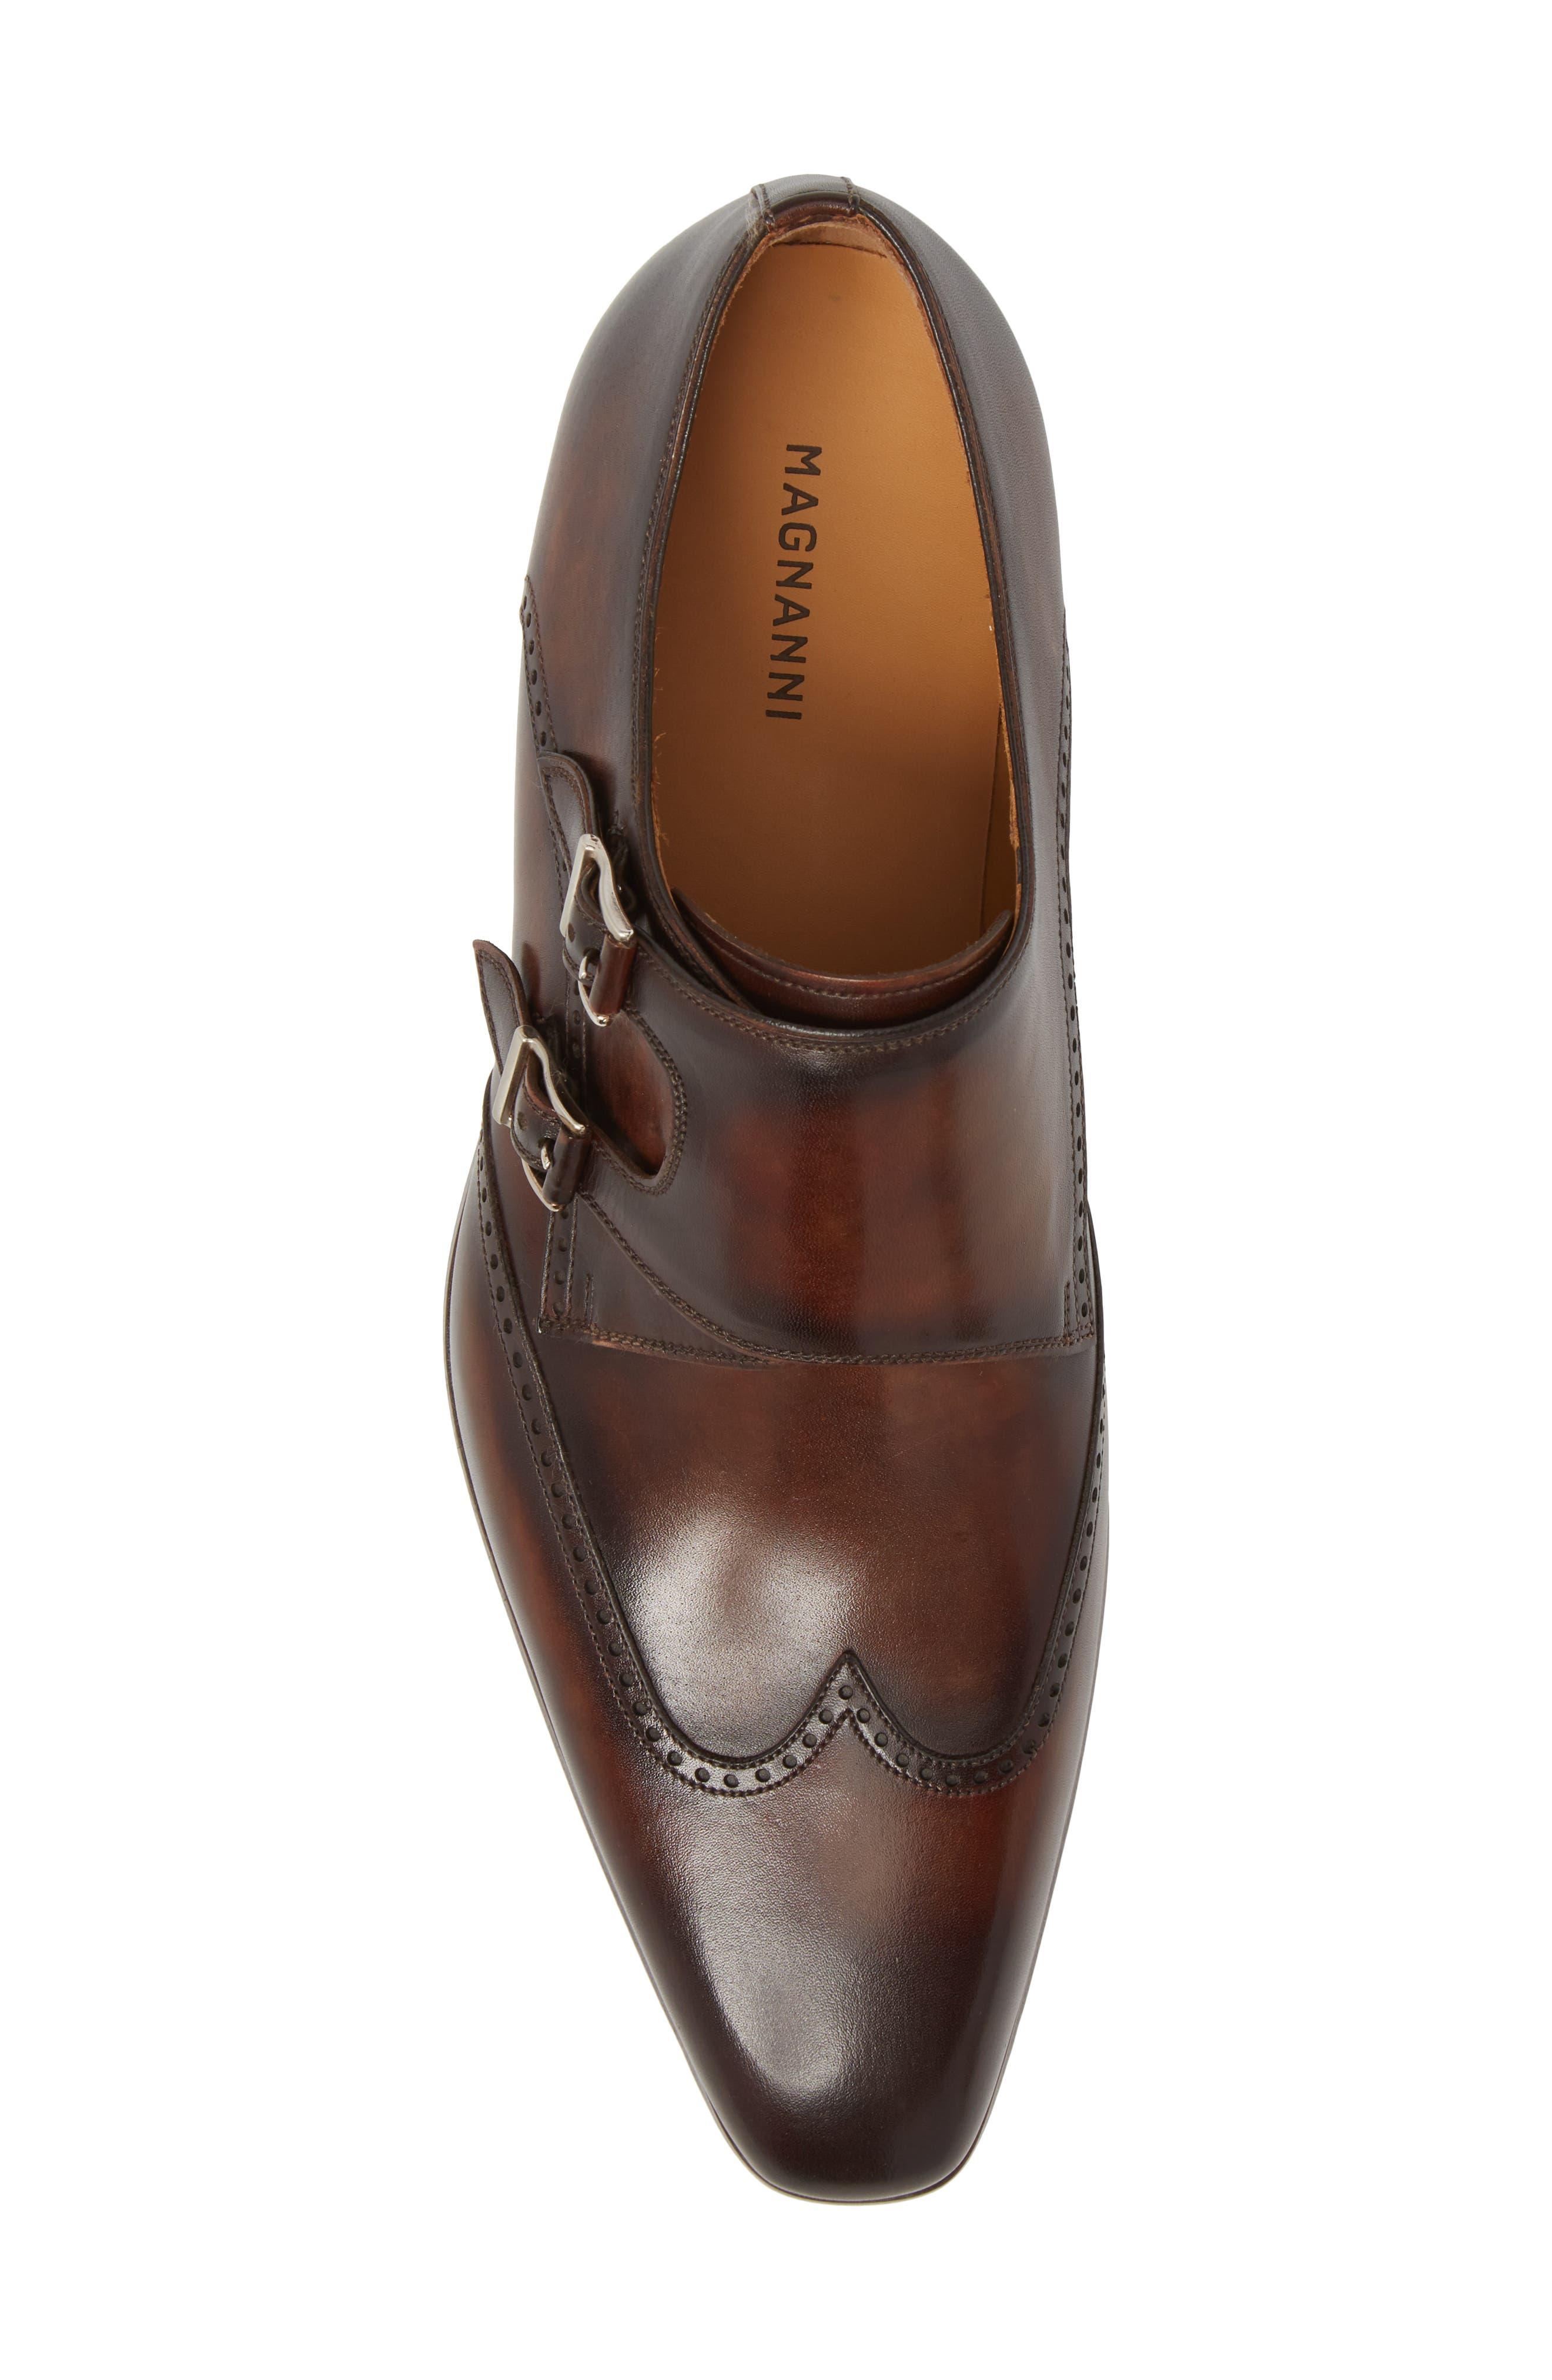 Dixon Wingtip Double Strap Monk Shoe,                             Alternate thumbnail 5, color,                             Tobacco Leather